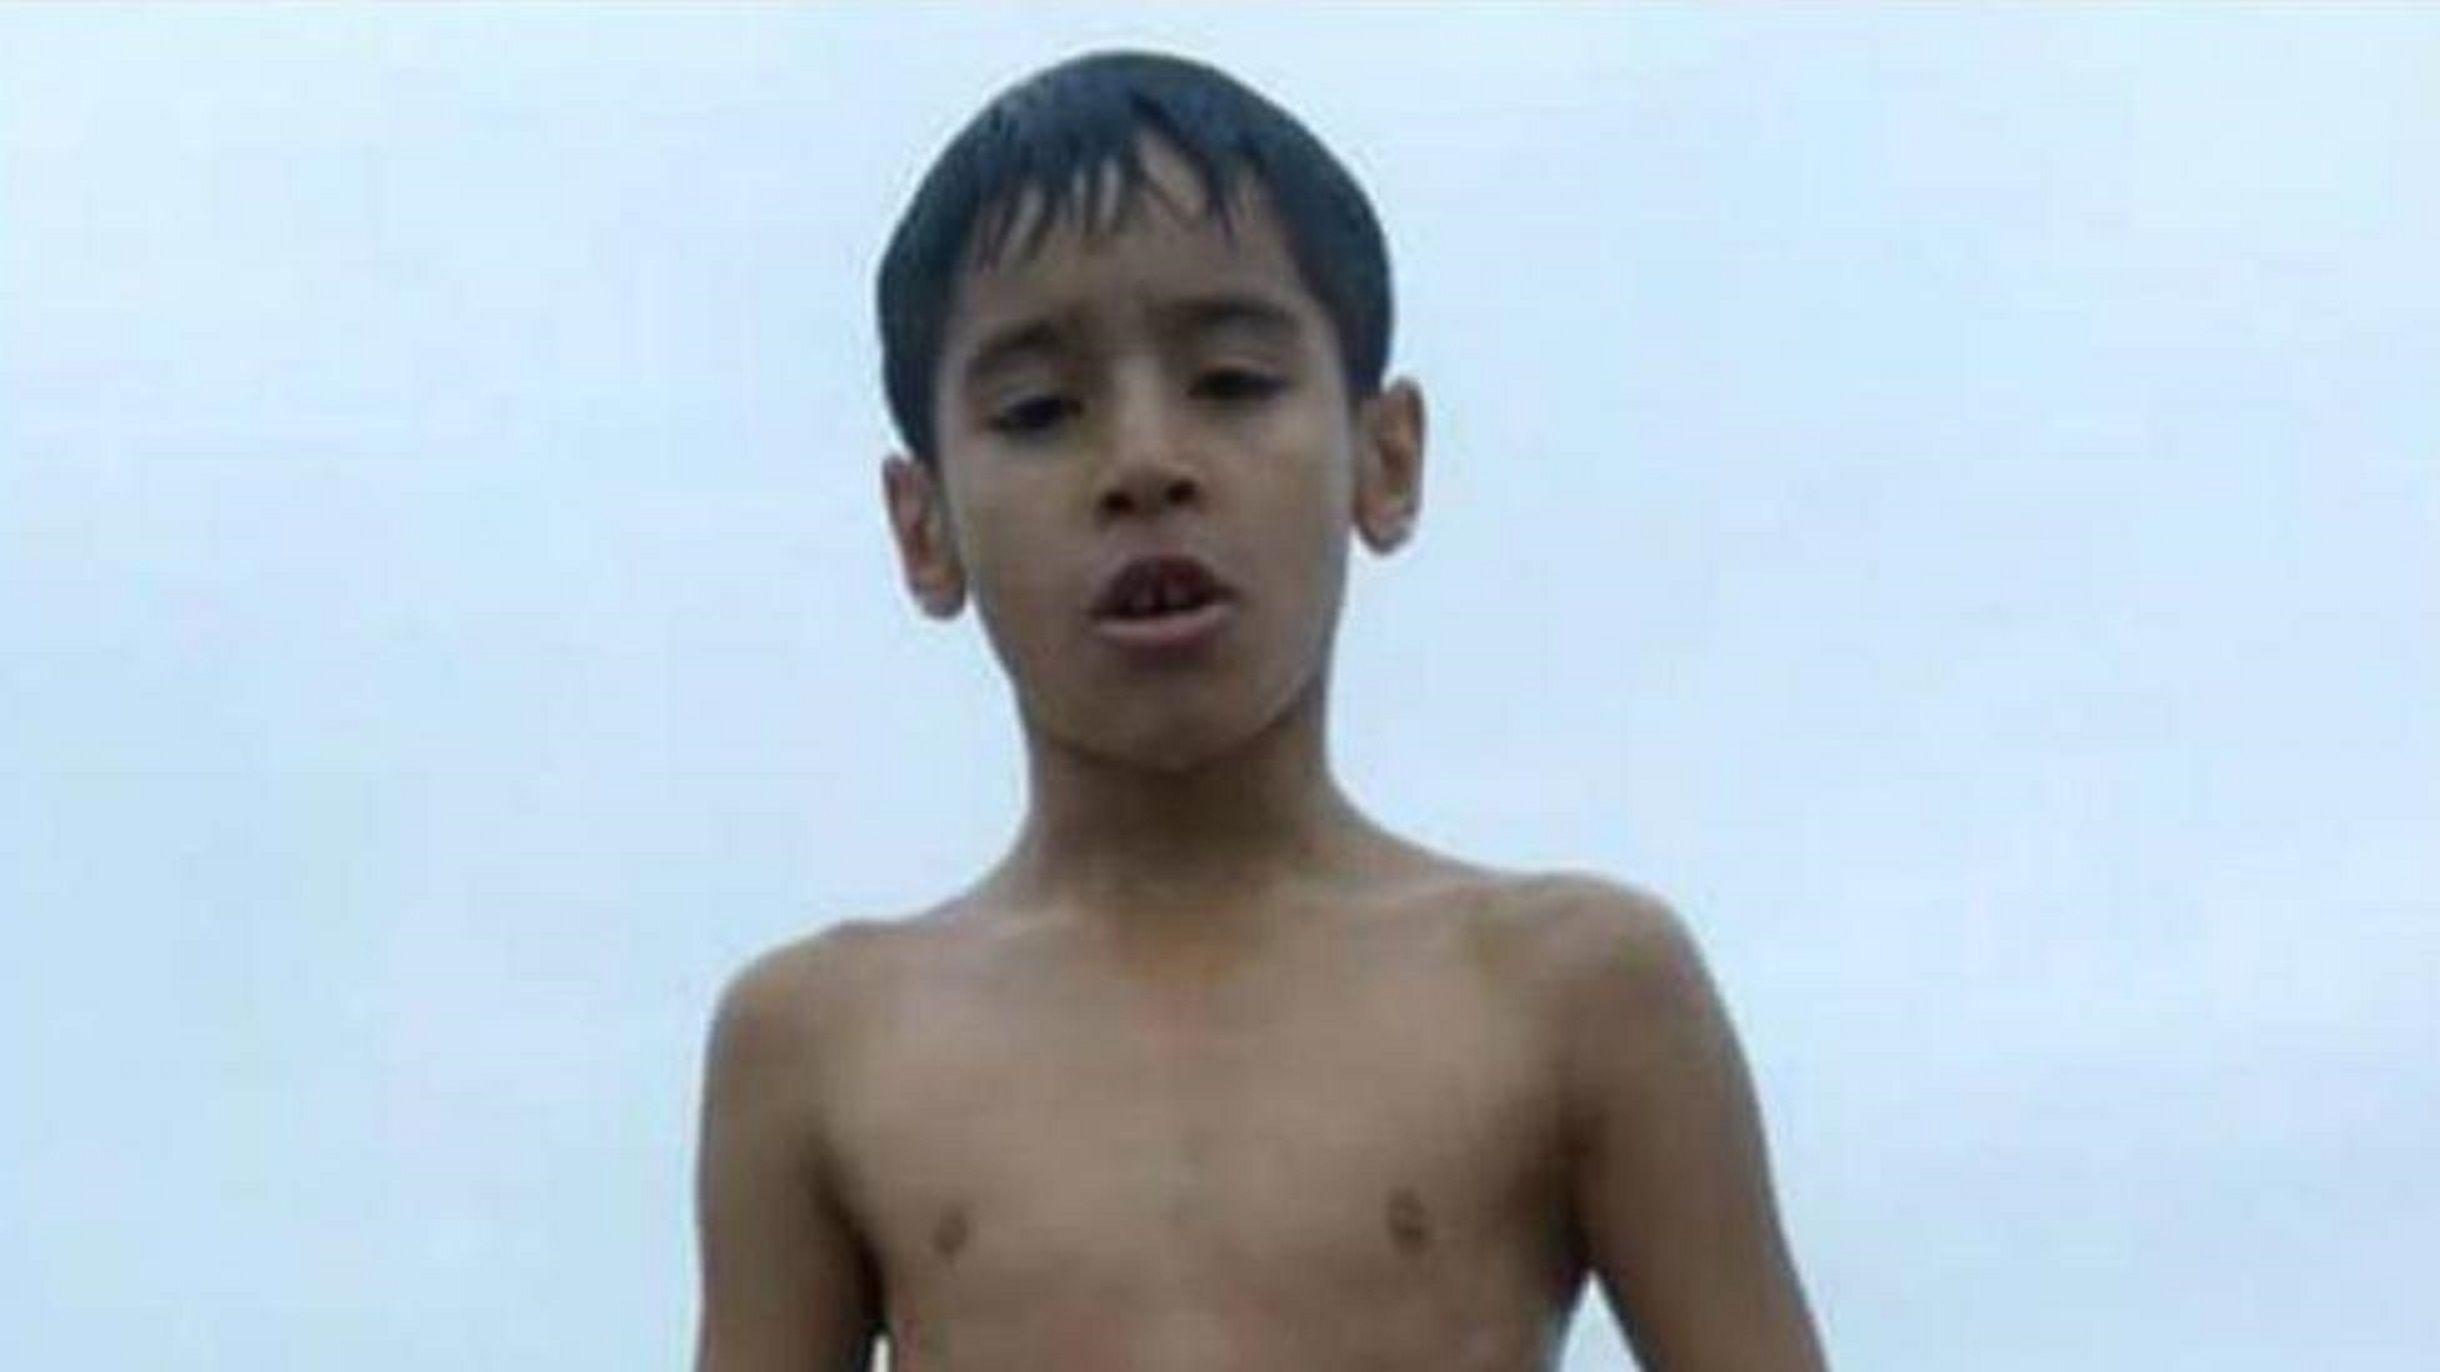 Hallaron muerto a Agustín, el nene que había desaparecido en  Santa Teresita